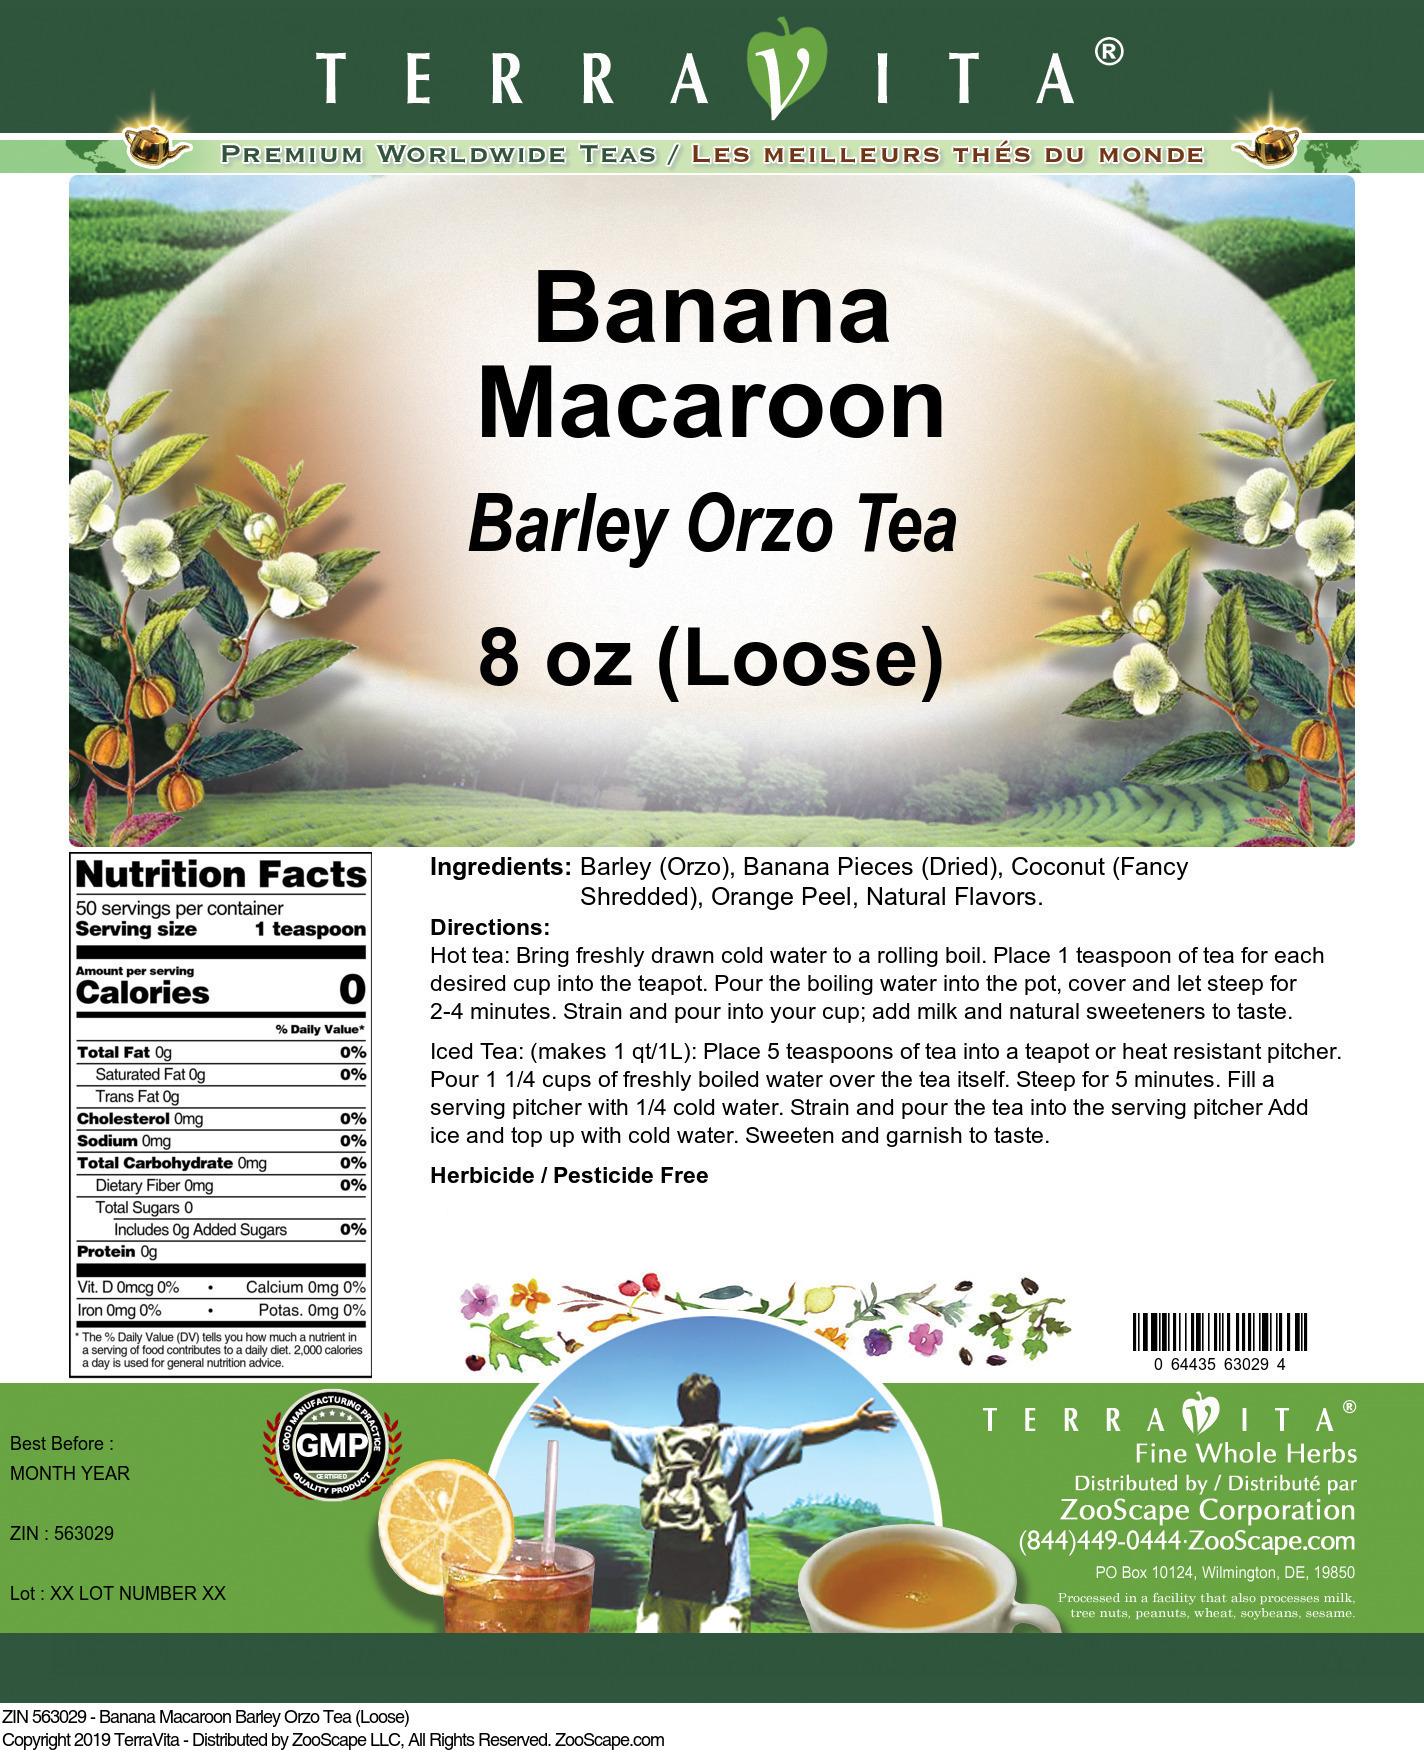 Banana Macaroon Barley Orzo Tea (Loose)